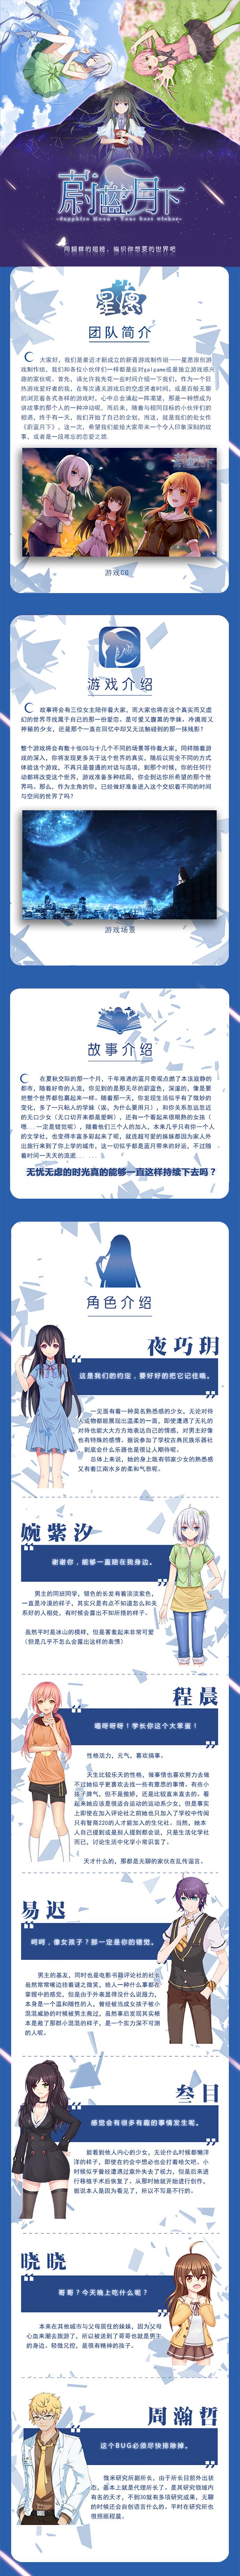 蔚蓝宣图2-1.jpg